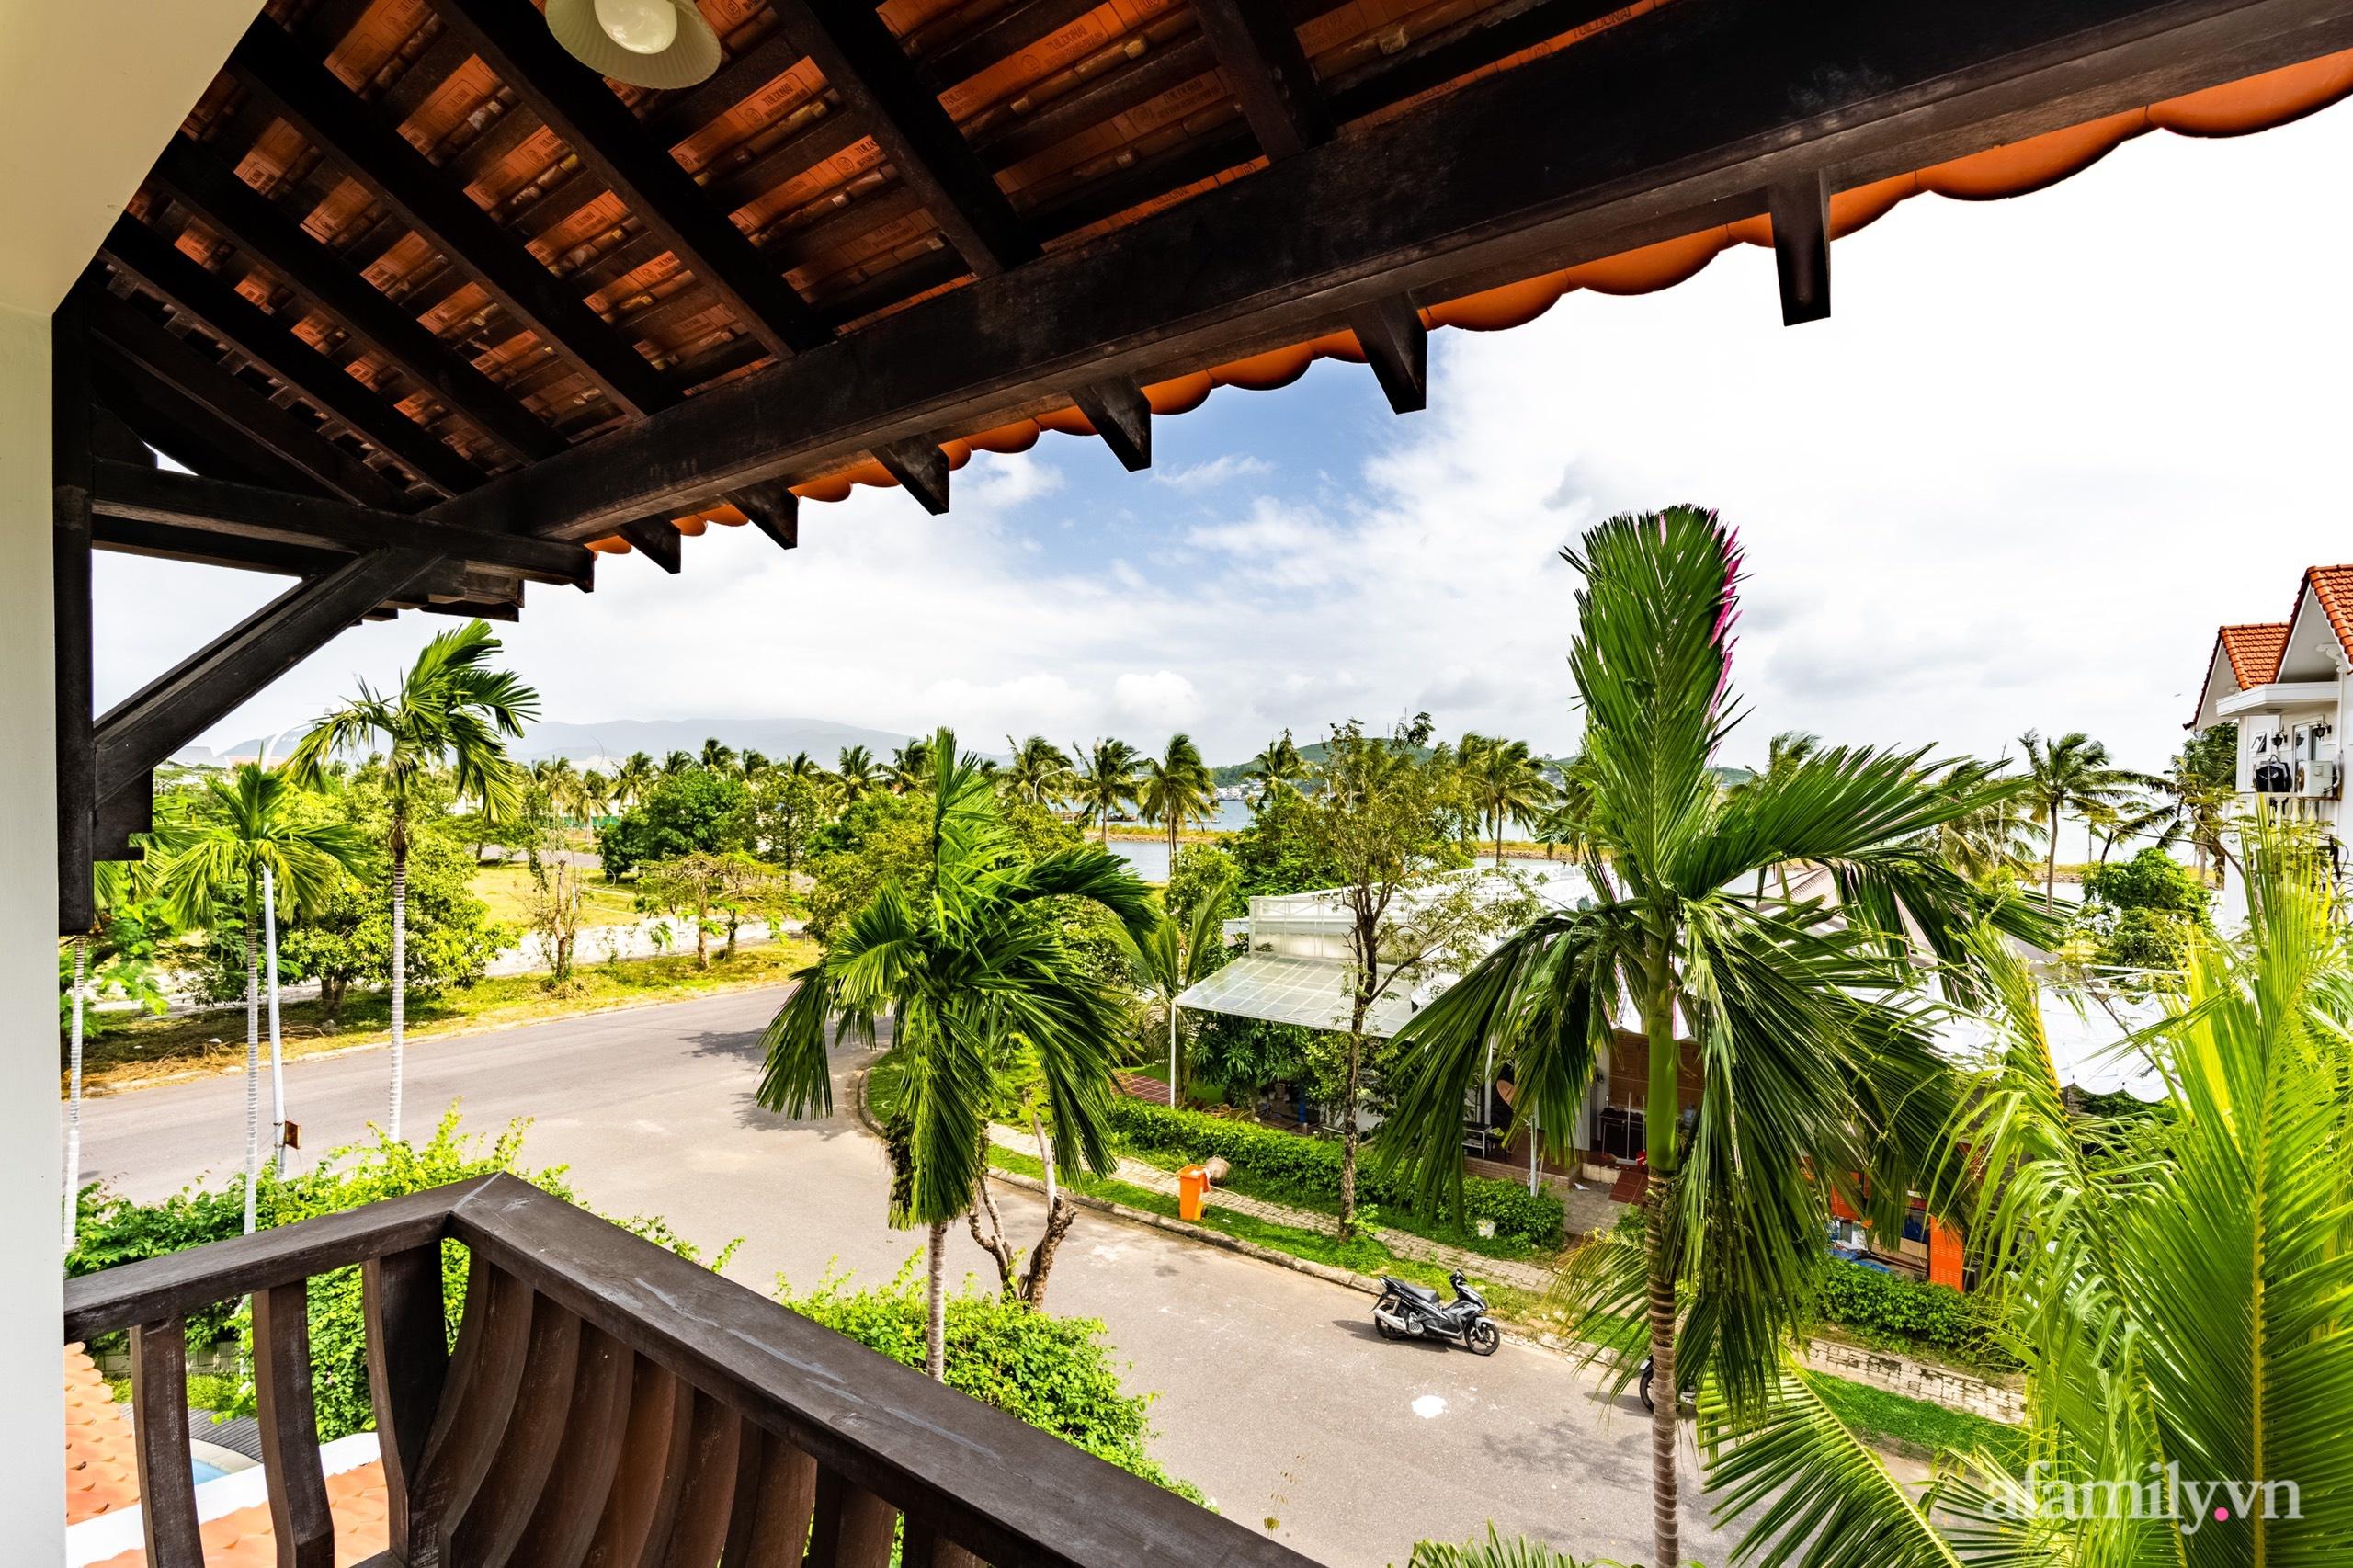 Căn nhà vườn xây 10 năm vẫn đẹp hút mắt với nội thất gỗ và cây xanh quanh nhà ở Nha Trang-27